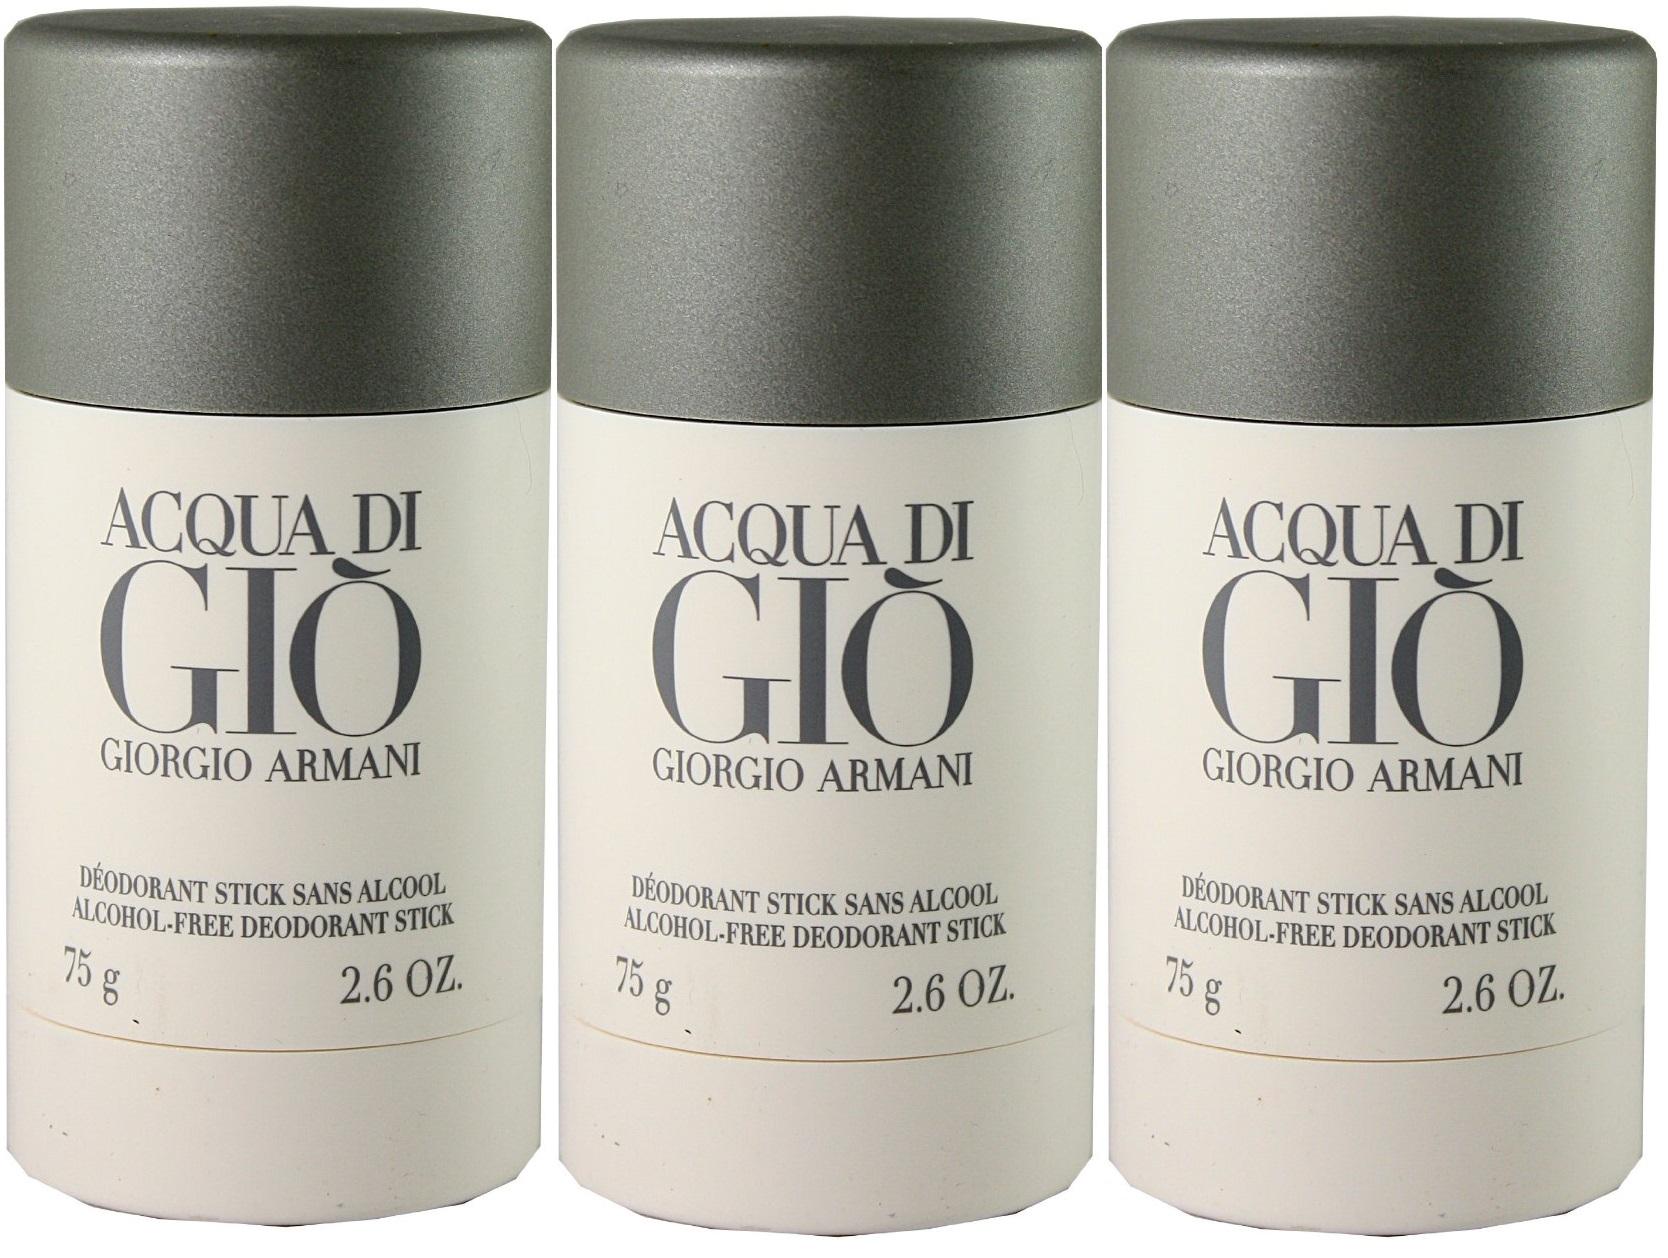 GIORGIO ARMANI ACQUA DI GIO DEO STICK 75 GR X 3 UDS